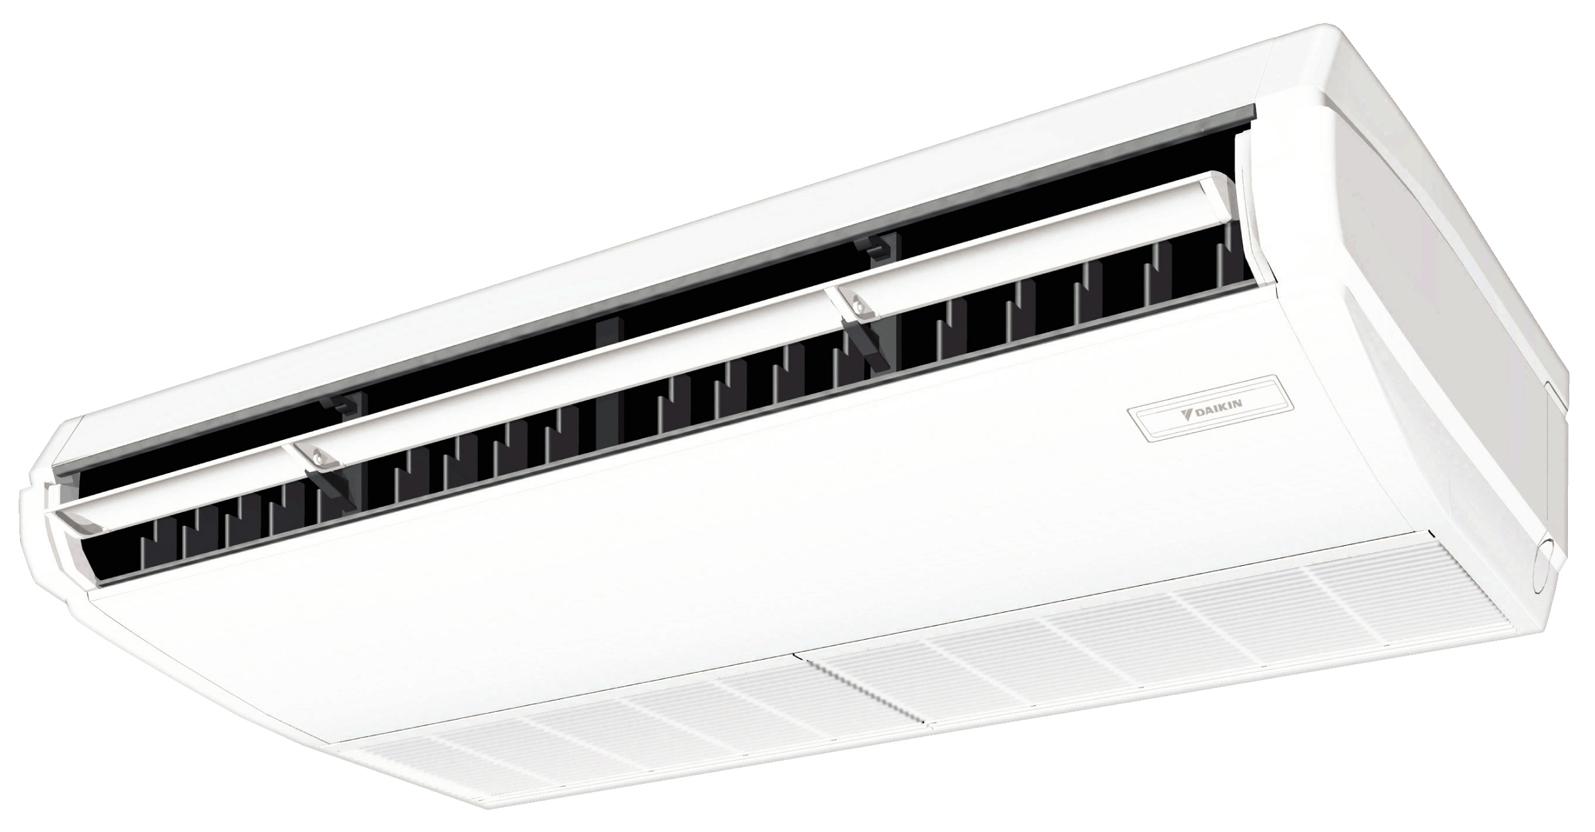 ###ダイキン 業務用エアコン【SZRH80BCNV】 天井吊形〈標準〉タイプ ペア 3馬力 ワイヤレス 単相200V Eco ZEAS